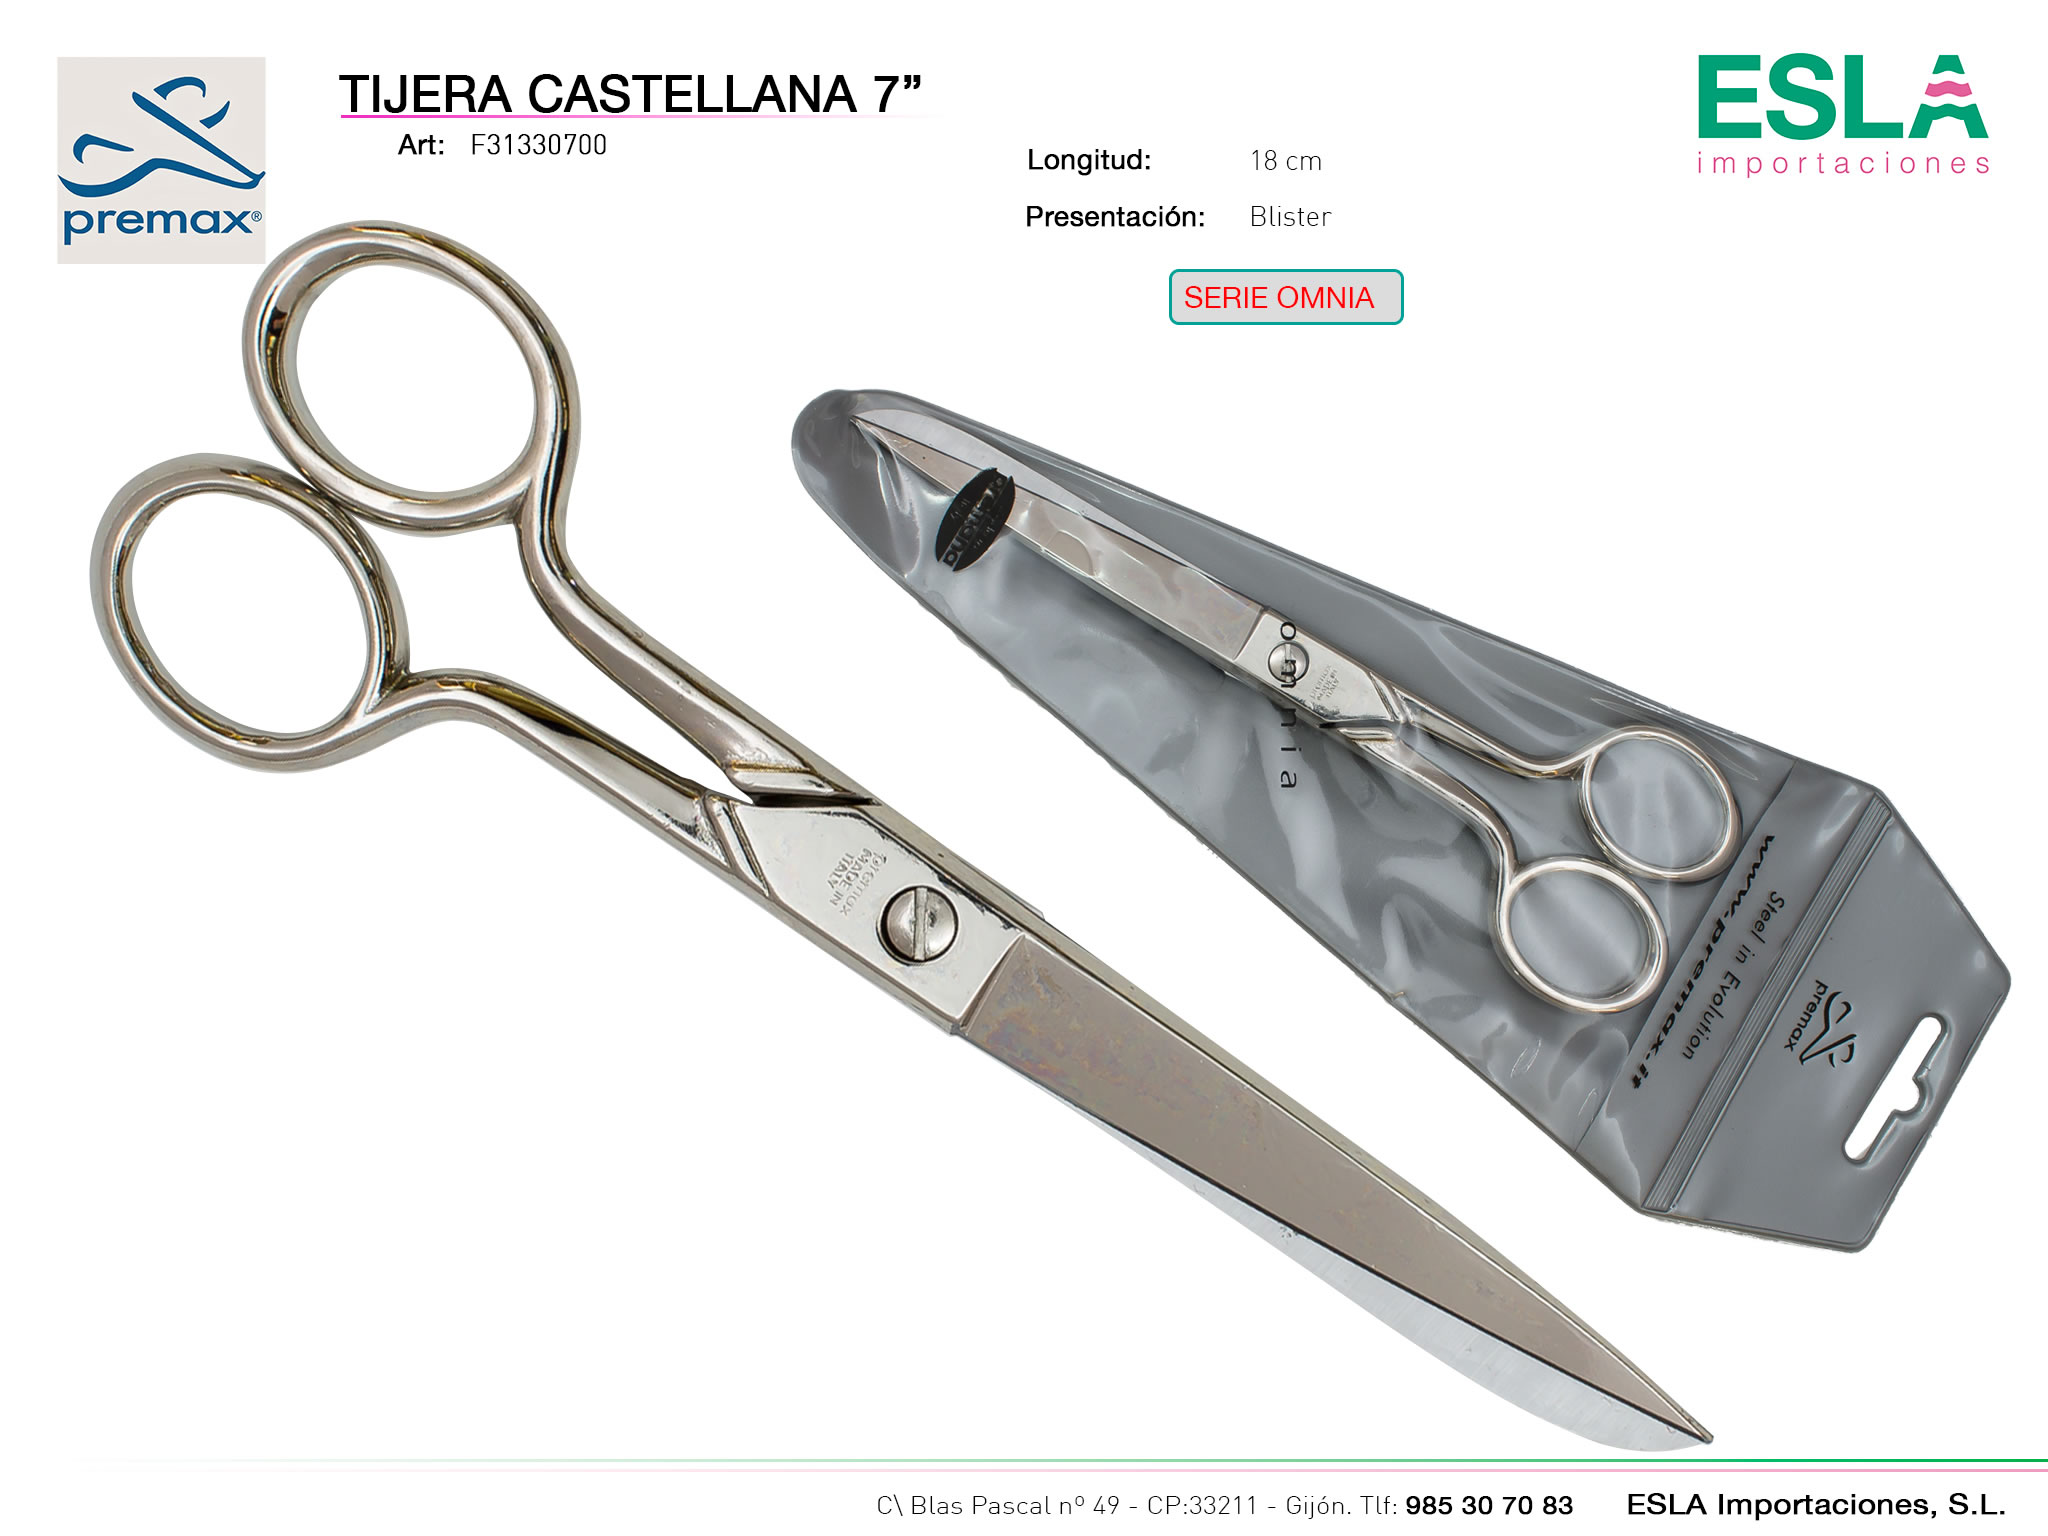 Tijera castellana 18cm, Premax, Serie omnia, Ref F31330700